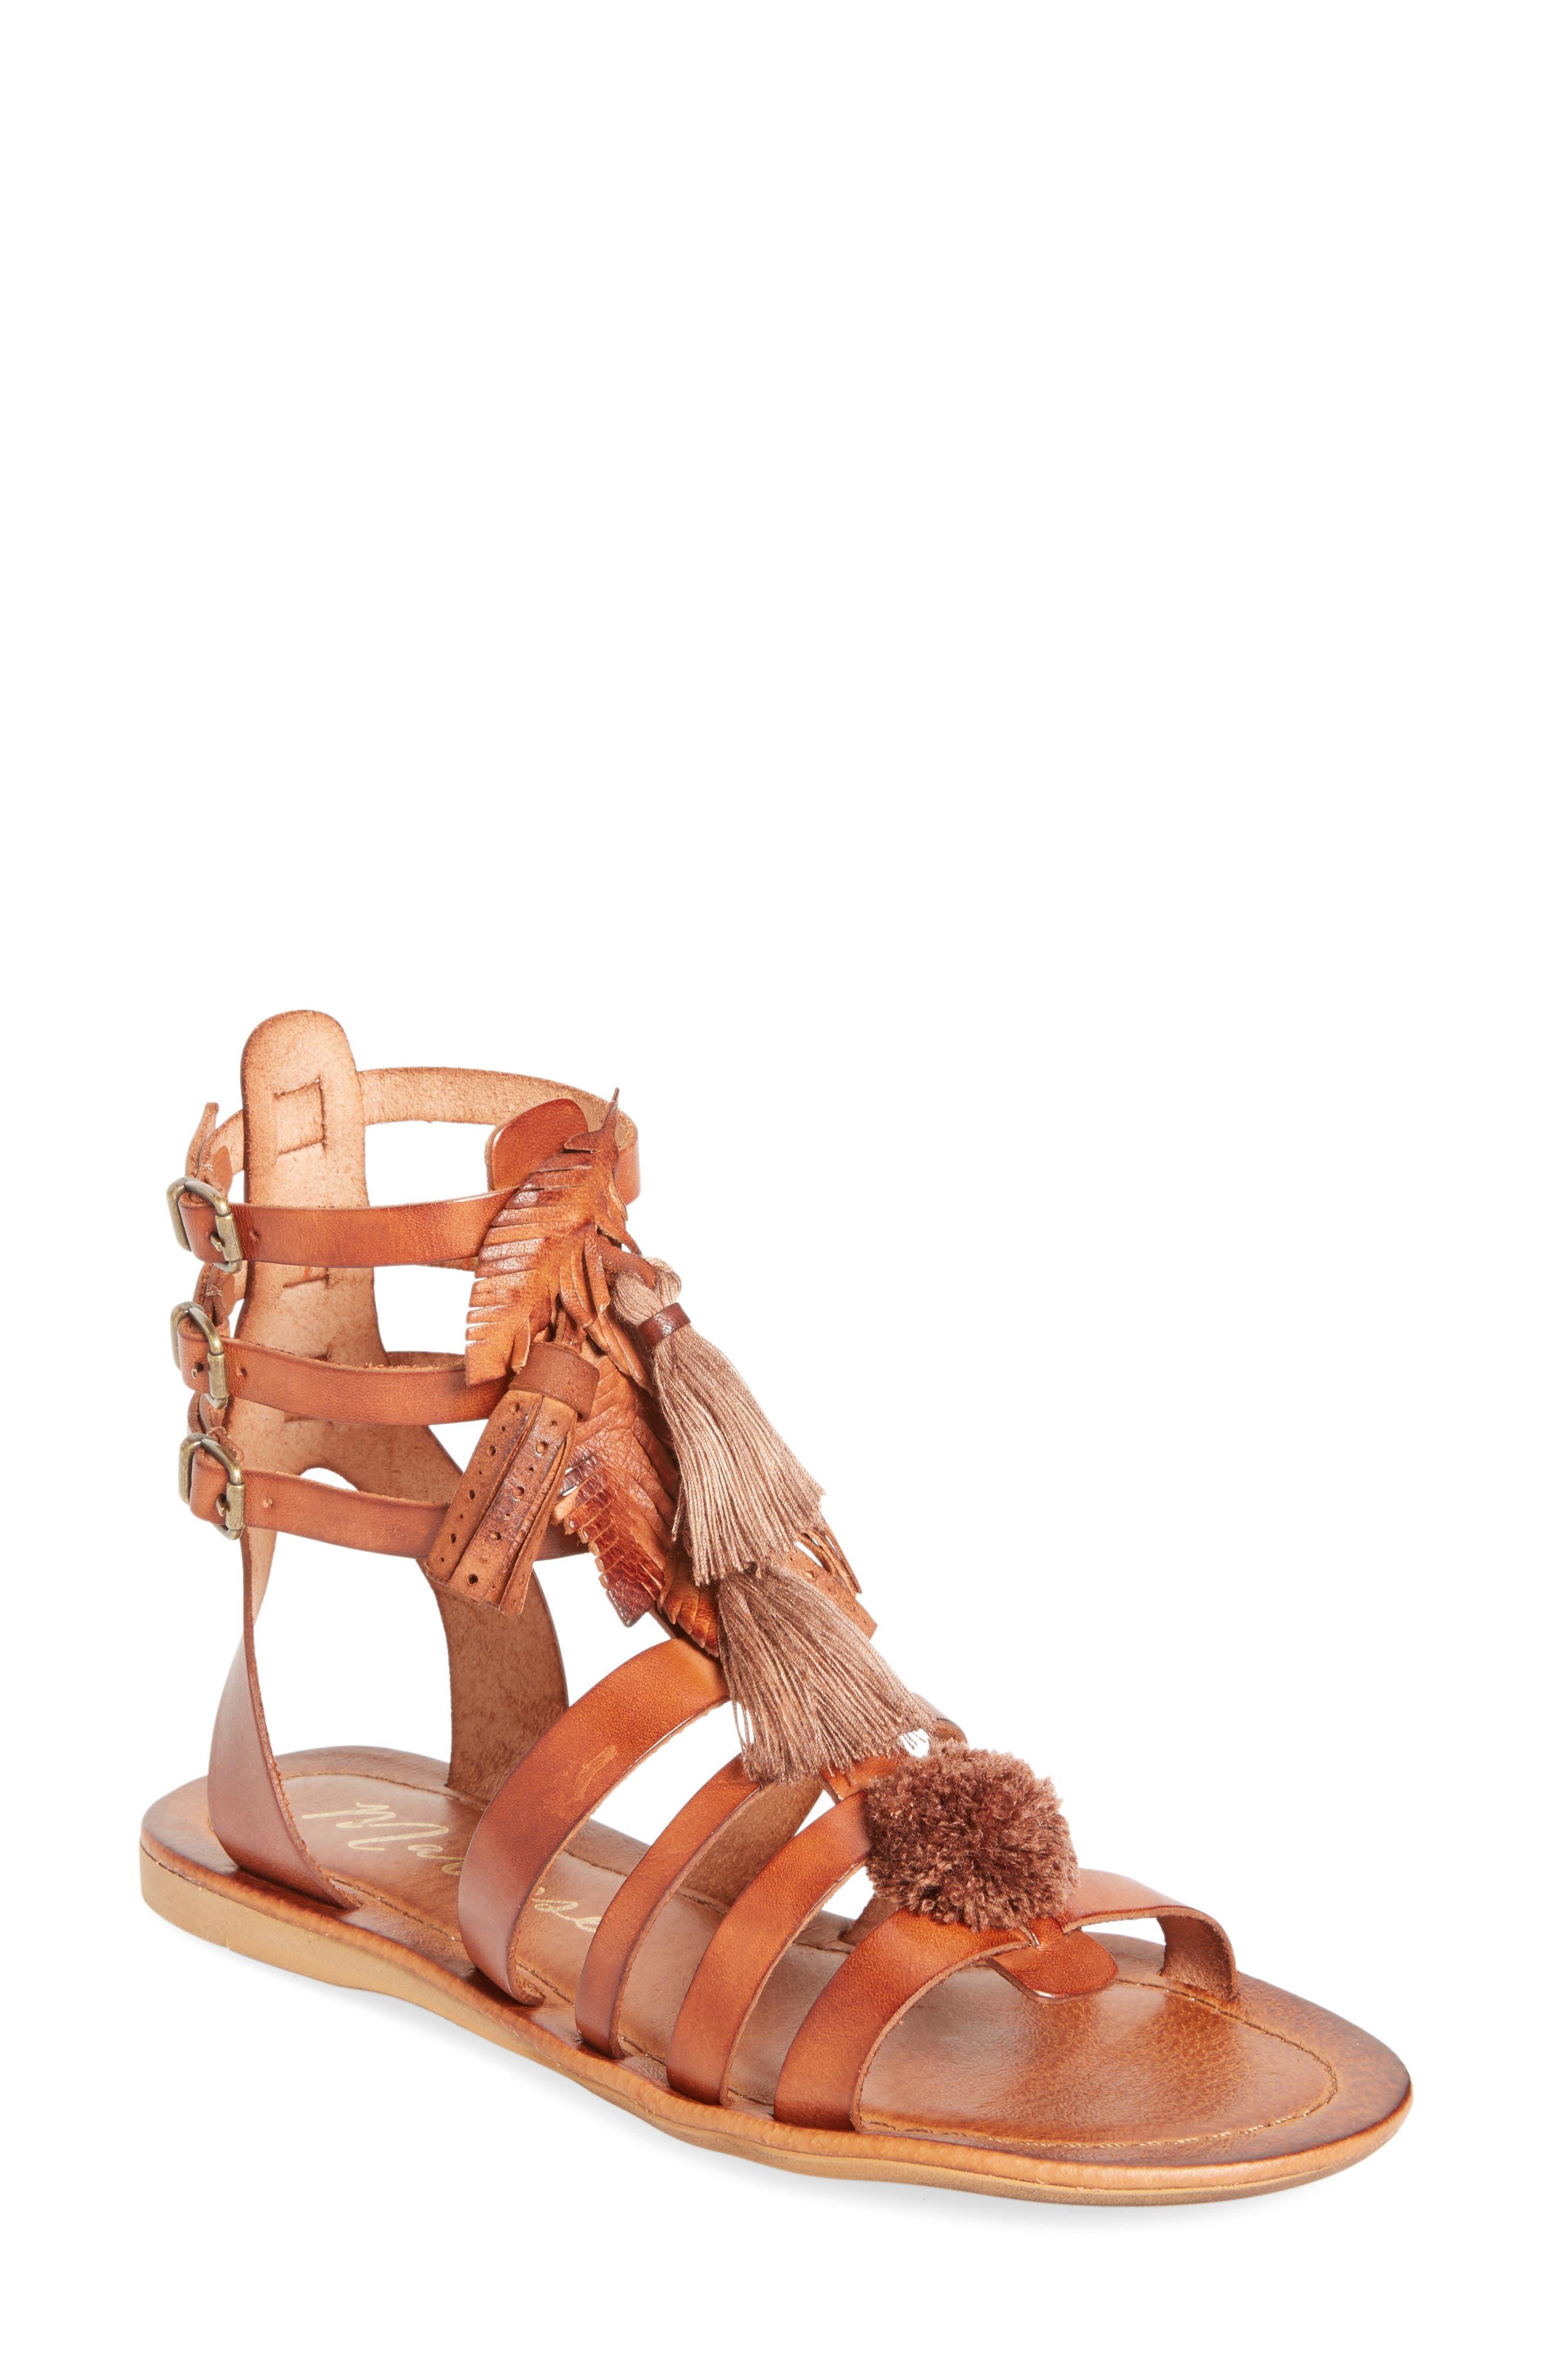 Main Image - Matisse Warrior Gladiator Sandal (Women)